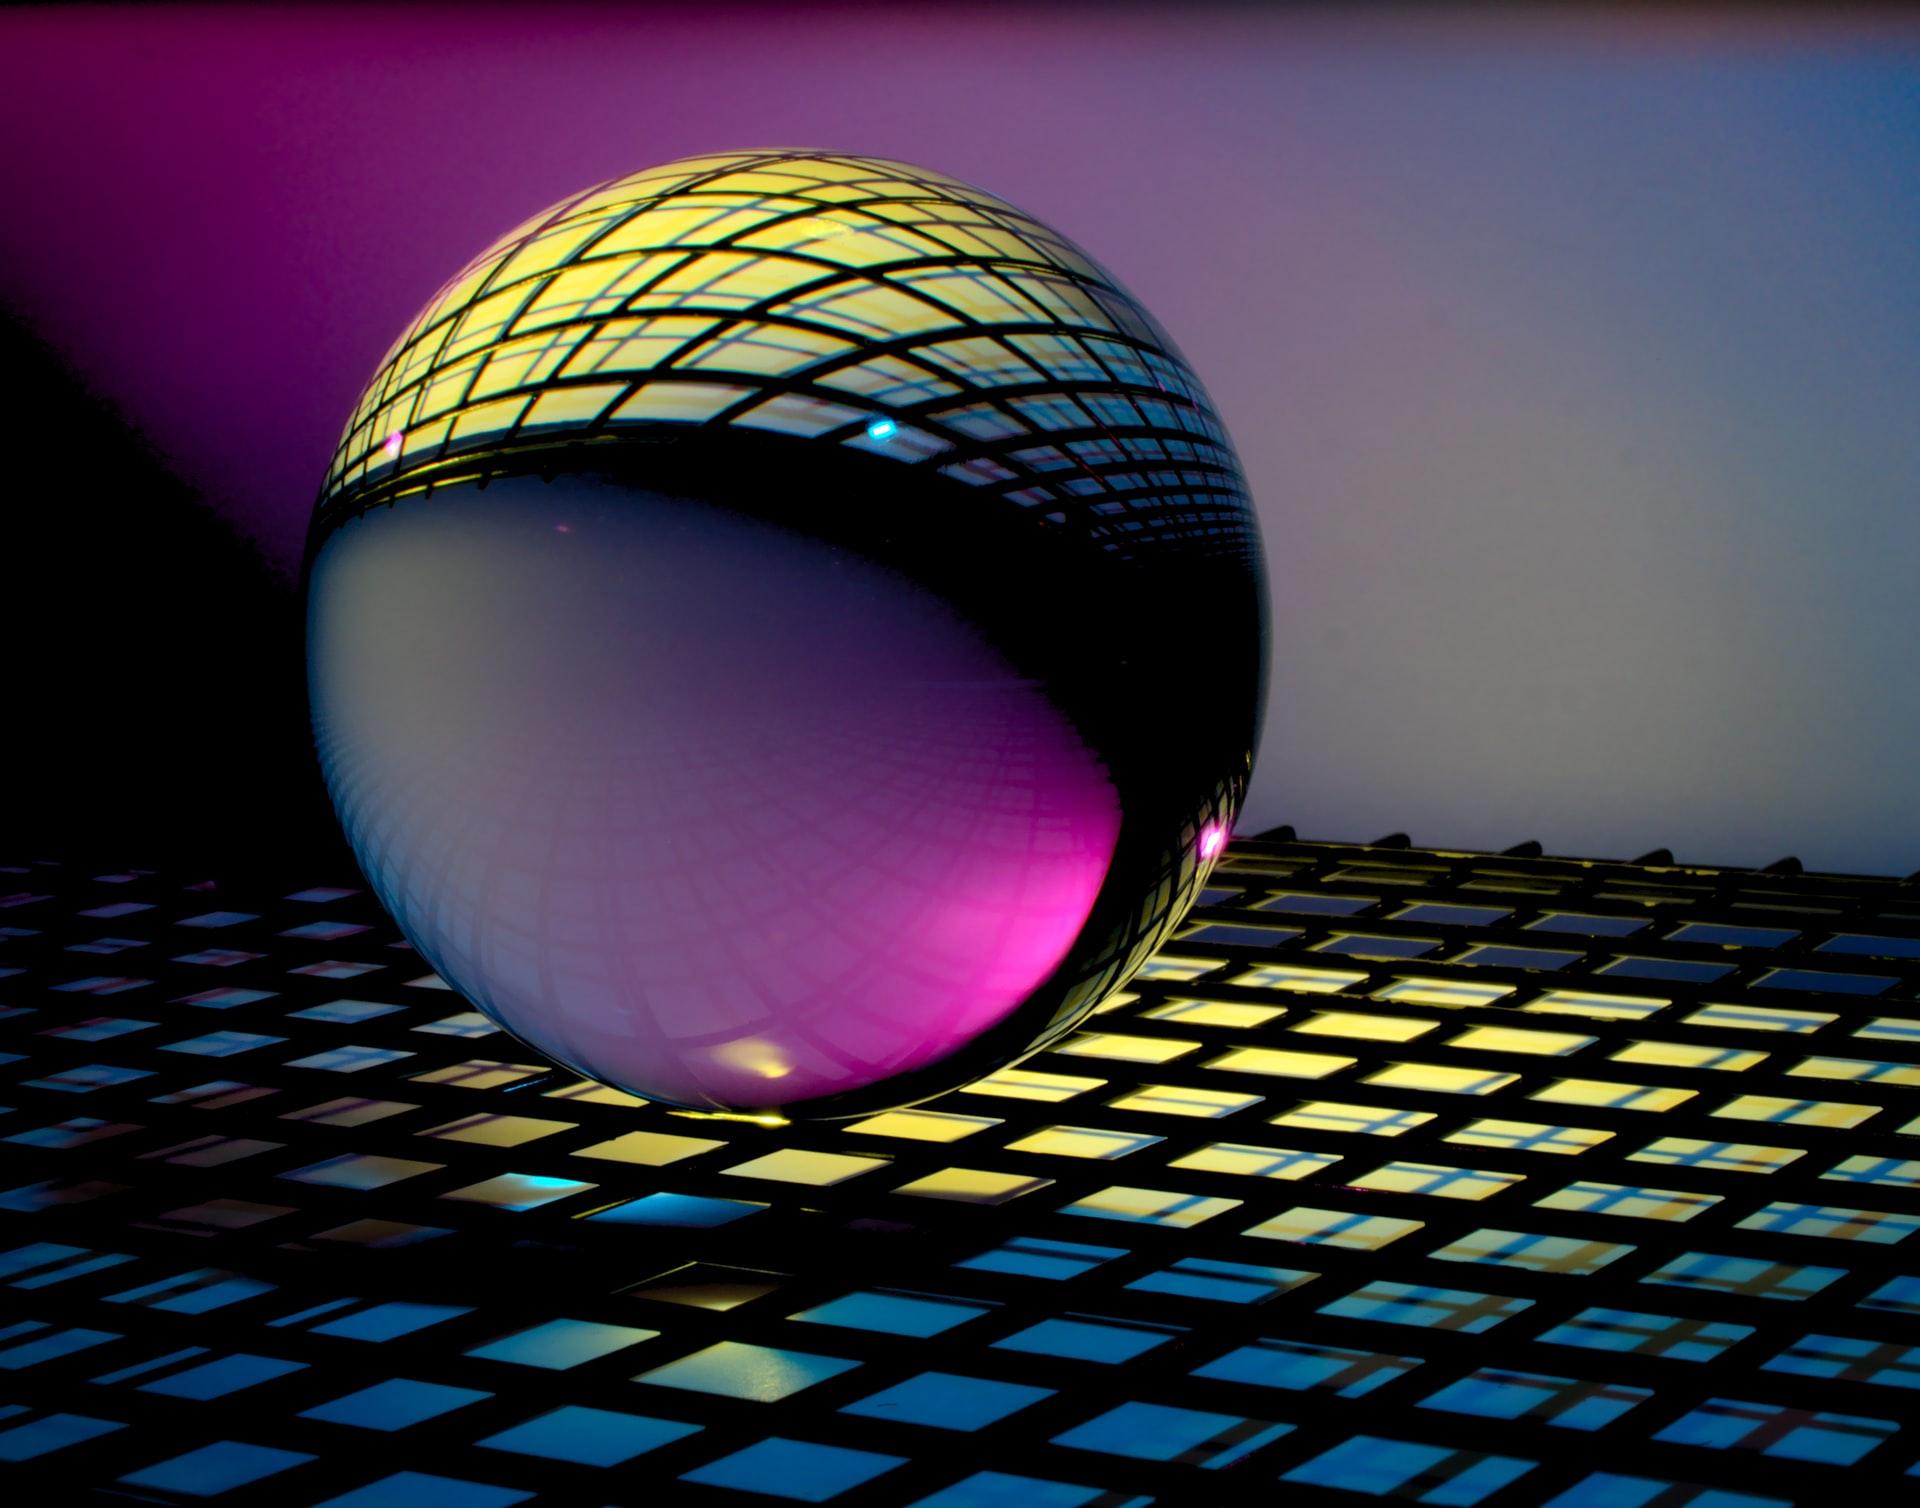 La jerga geoespacial en el mundo digital y de la inteligencia artificial (IA)